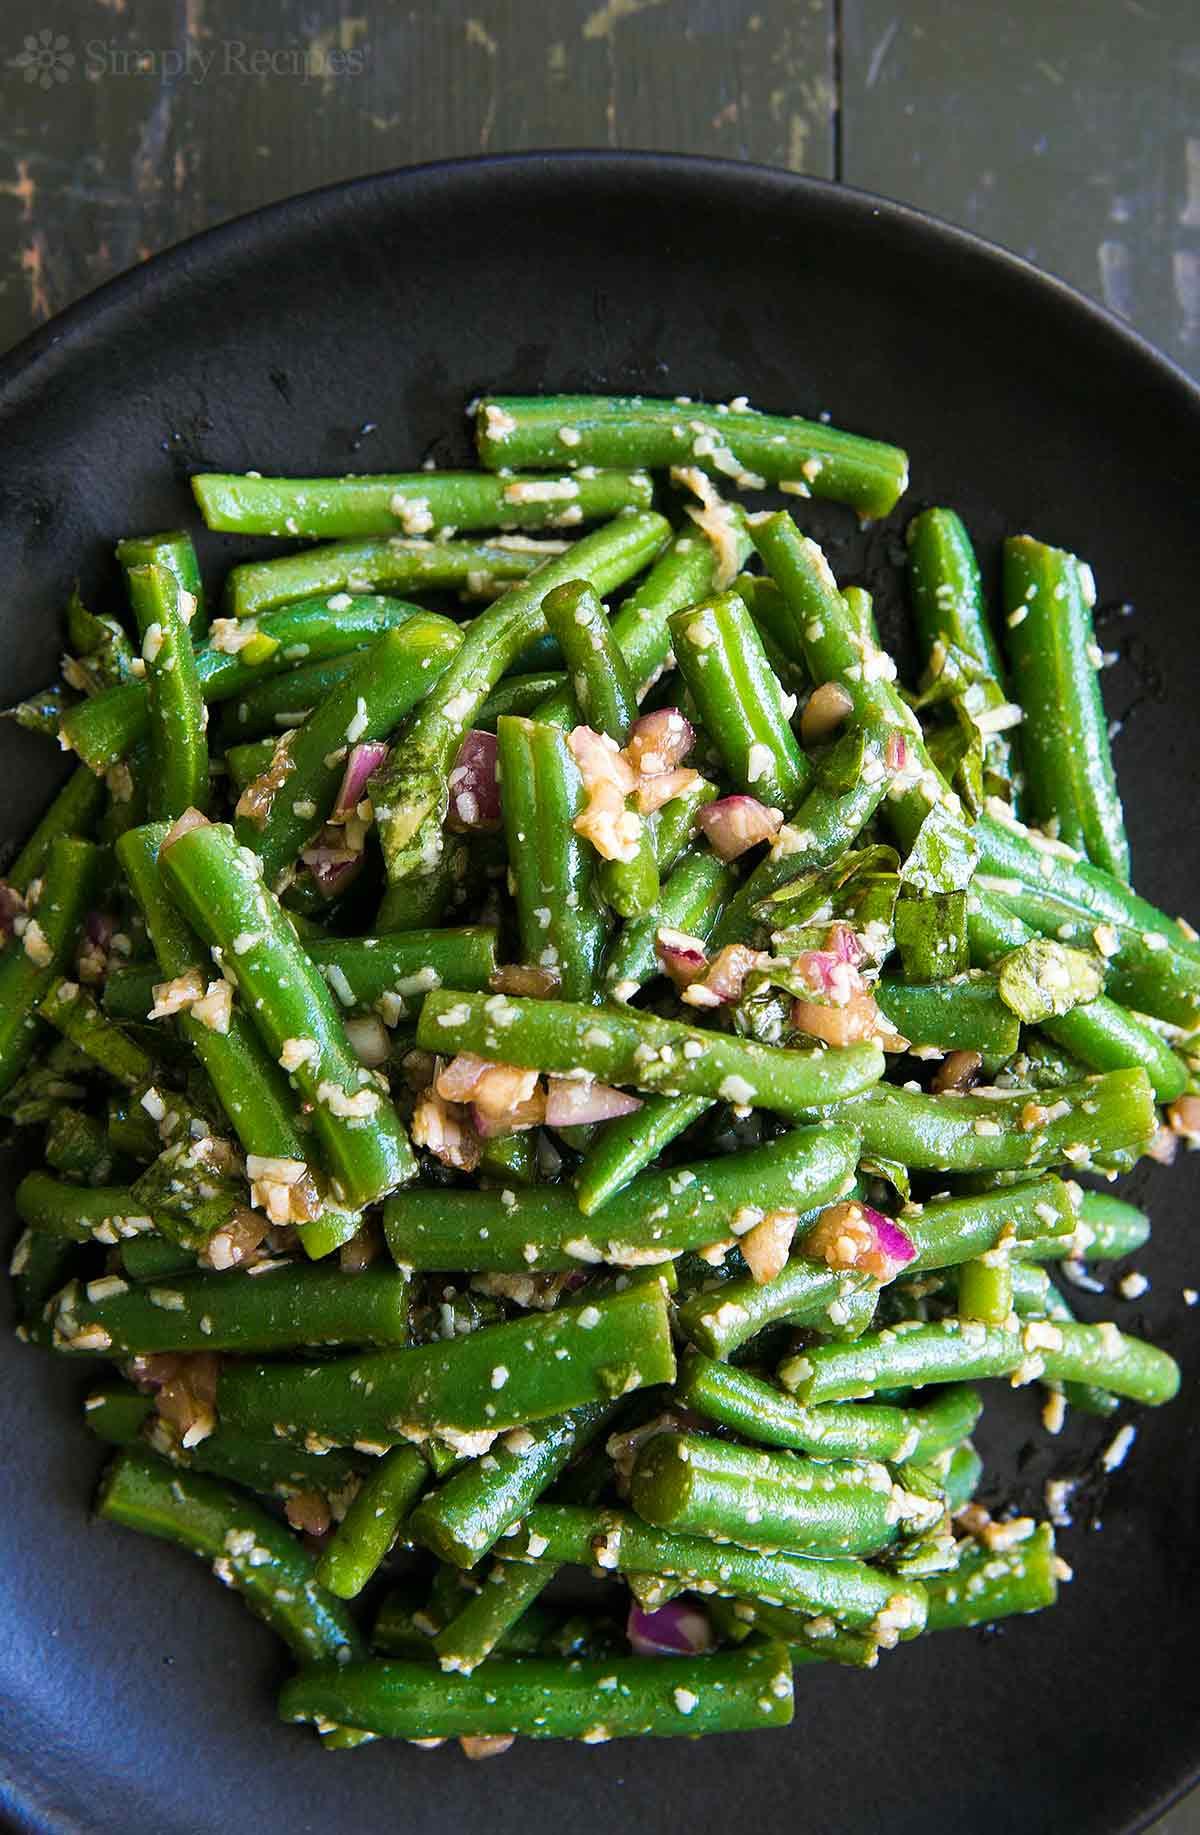 Green Bean Recipes  Green Bean Salad with Basil Balsamic and Parmesan Recipe